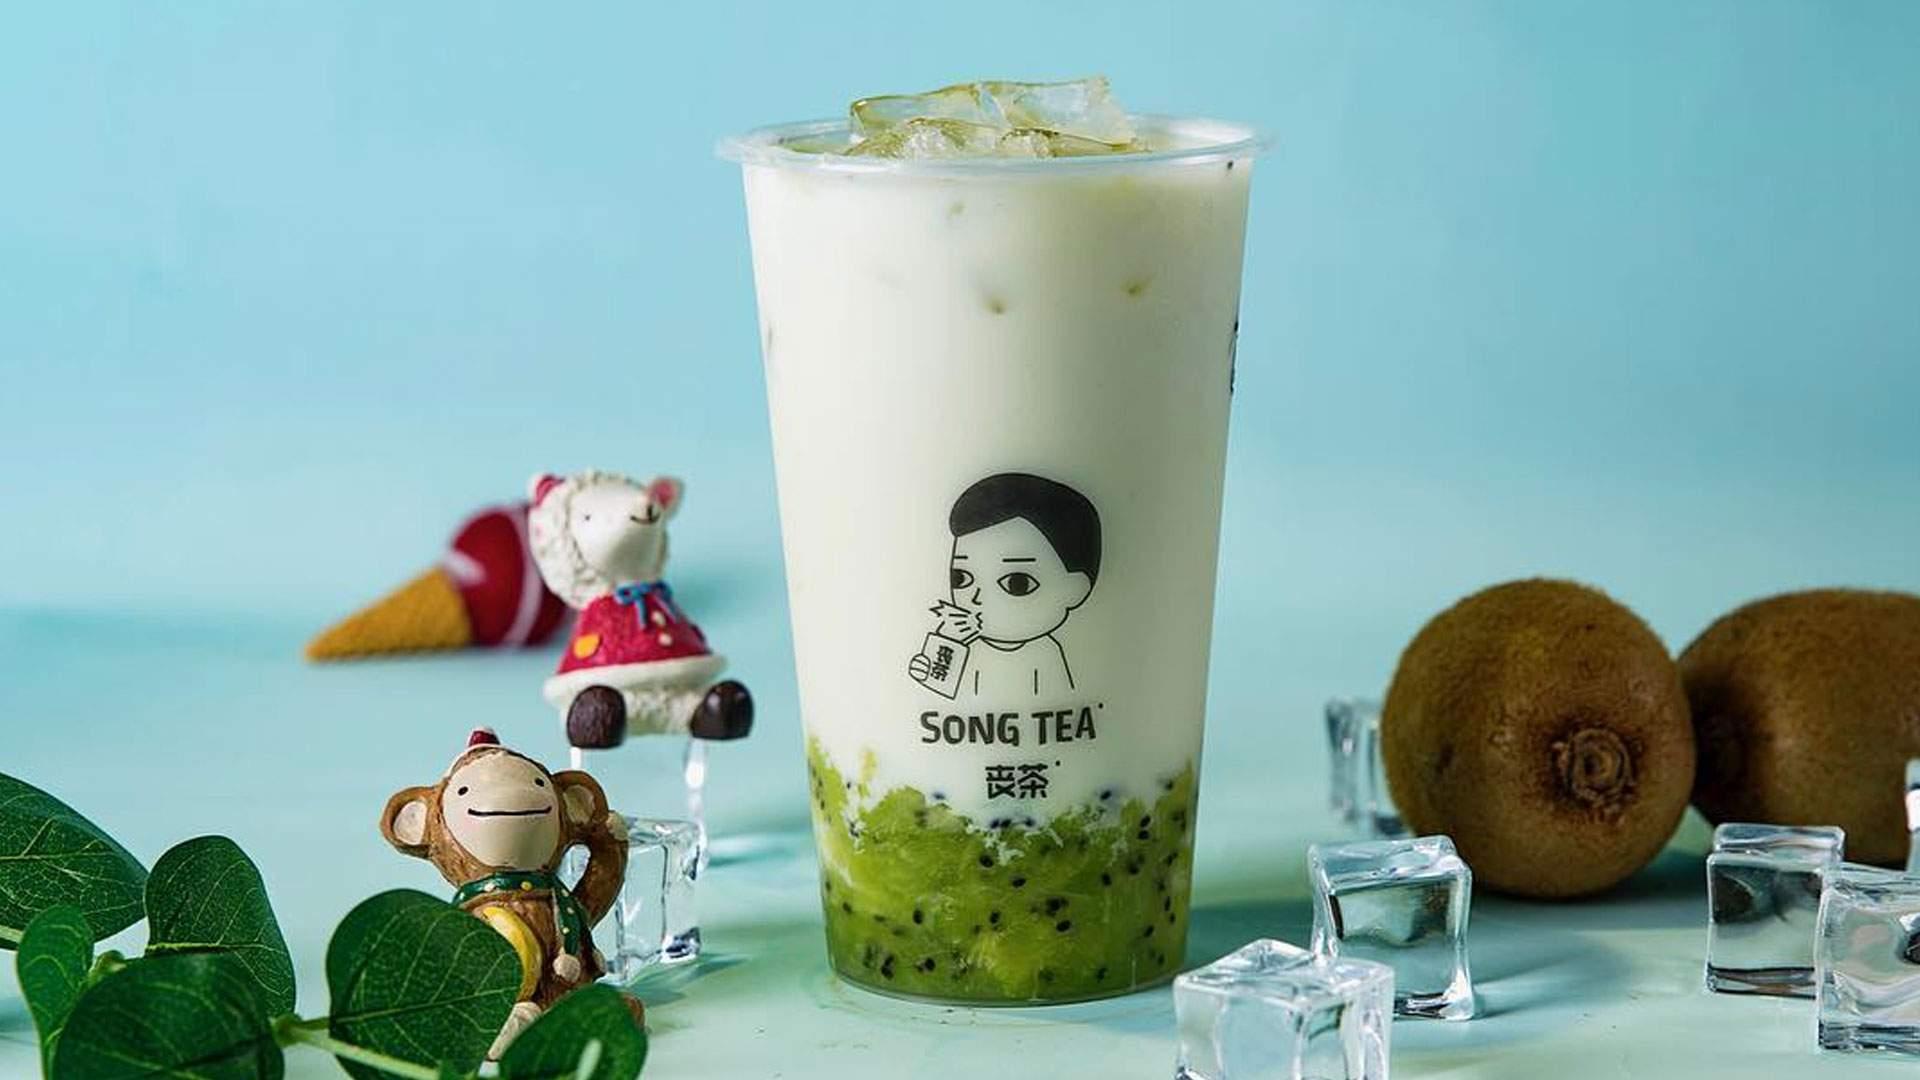 Song Tea